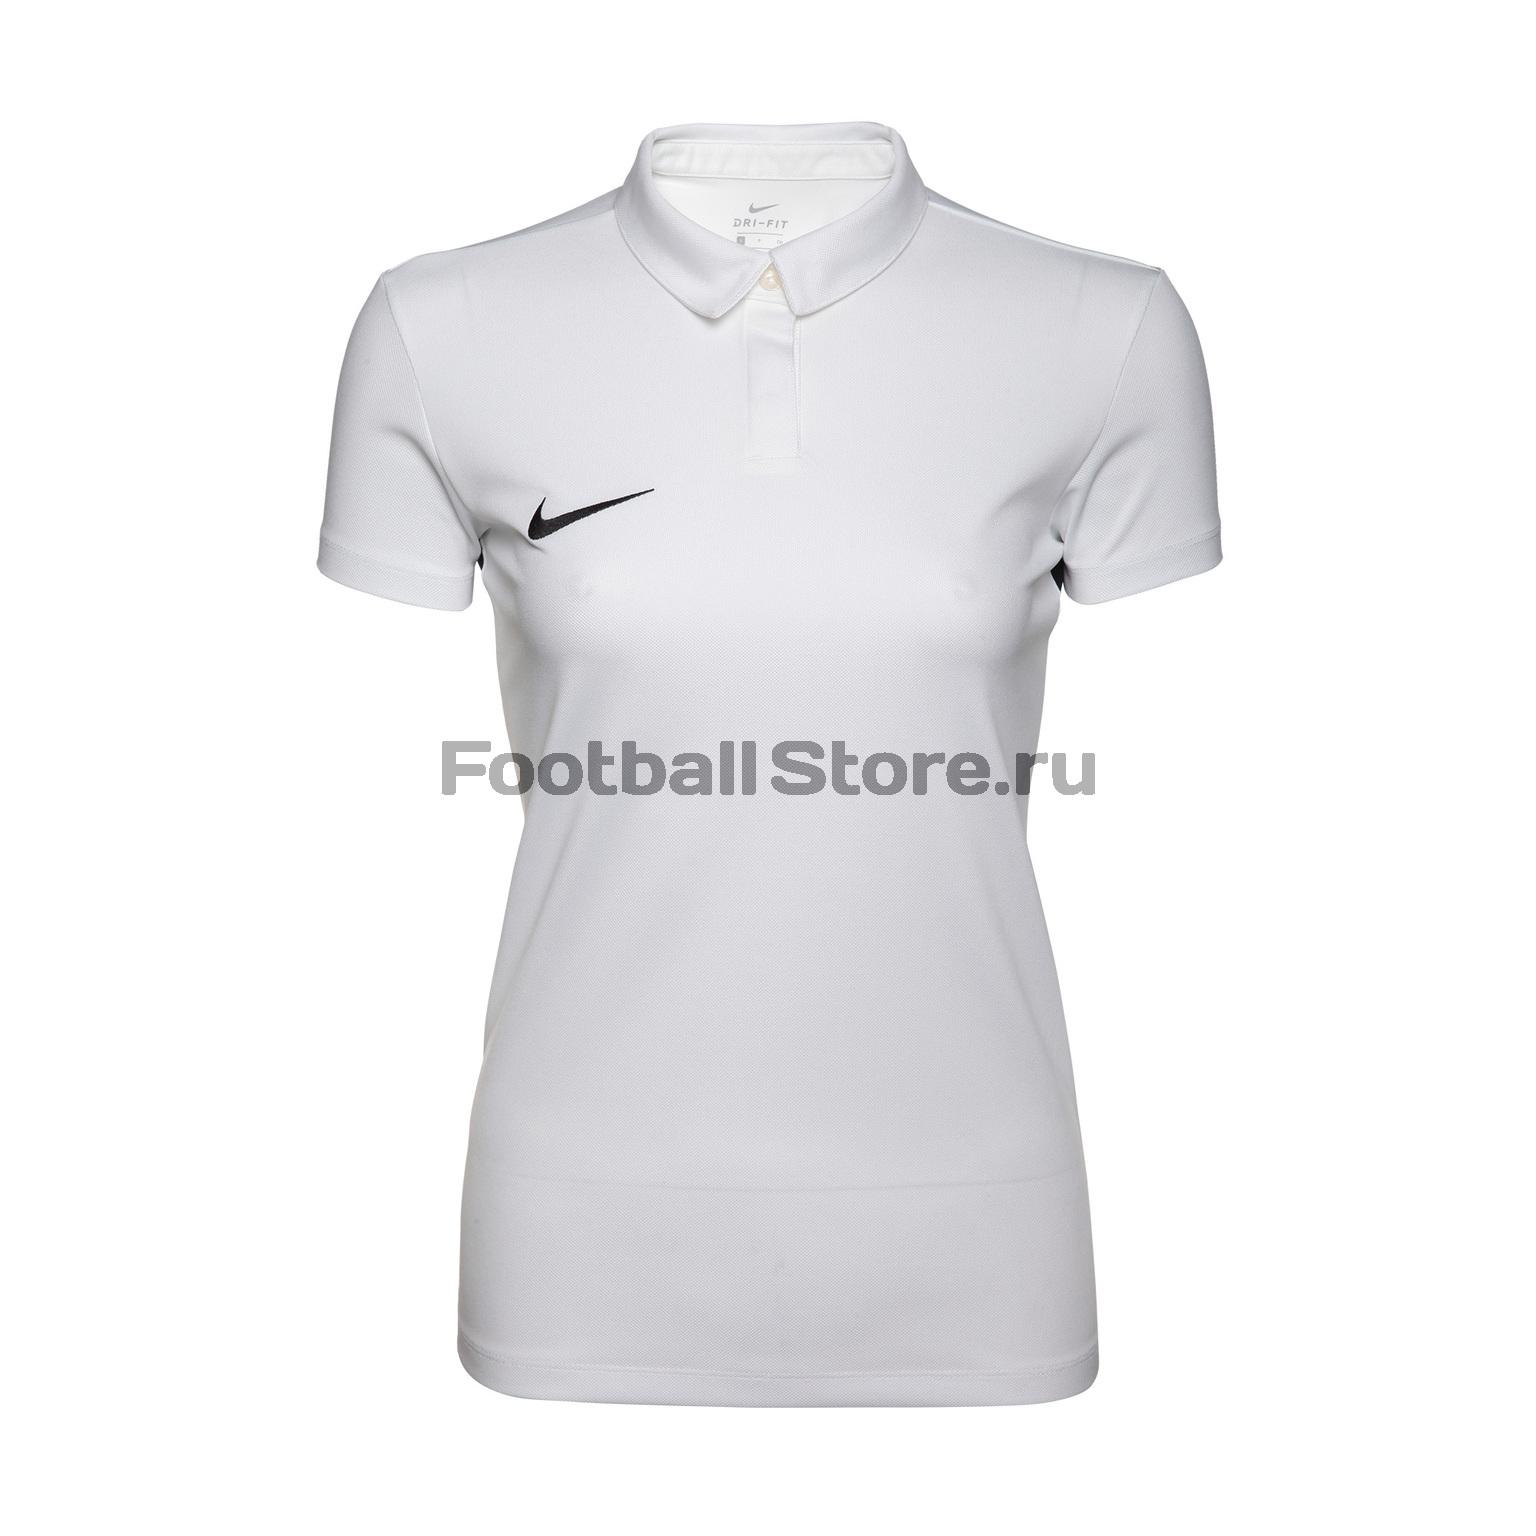 Поло женское Nike Dry Academy18 899986-100